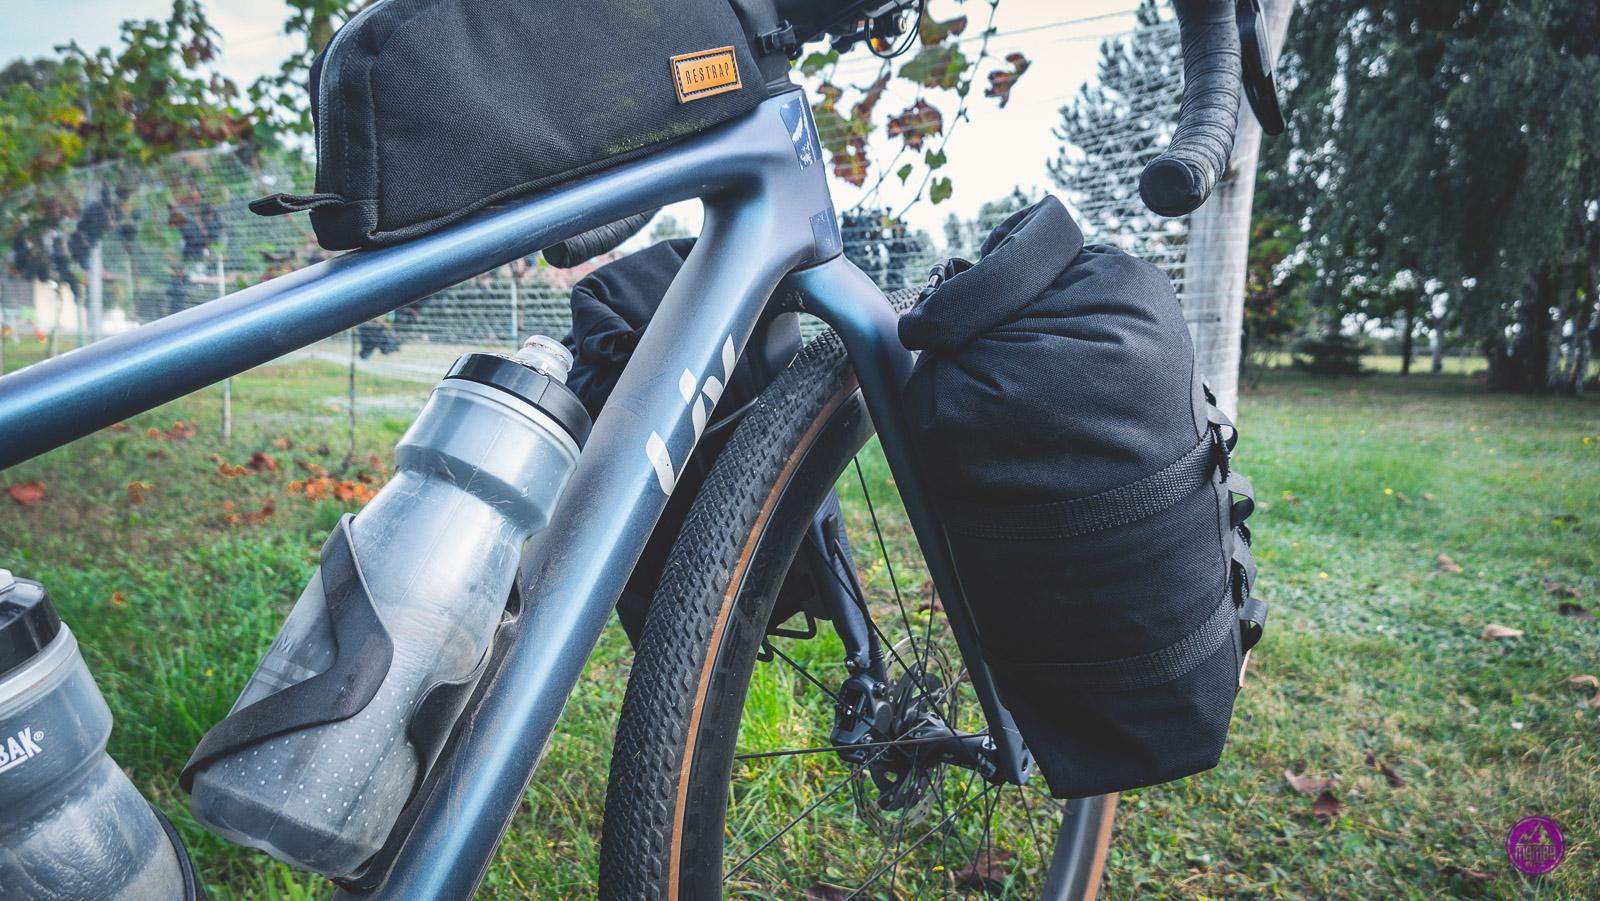 Torby bikepackingowe montowane na widelcu